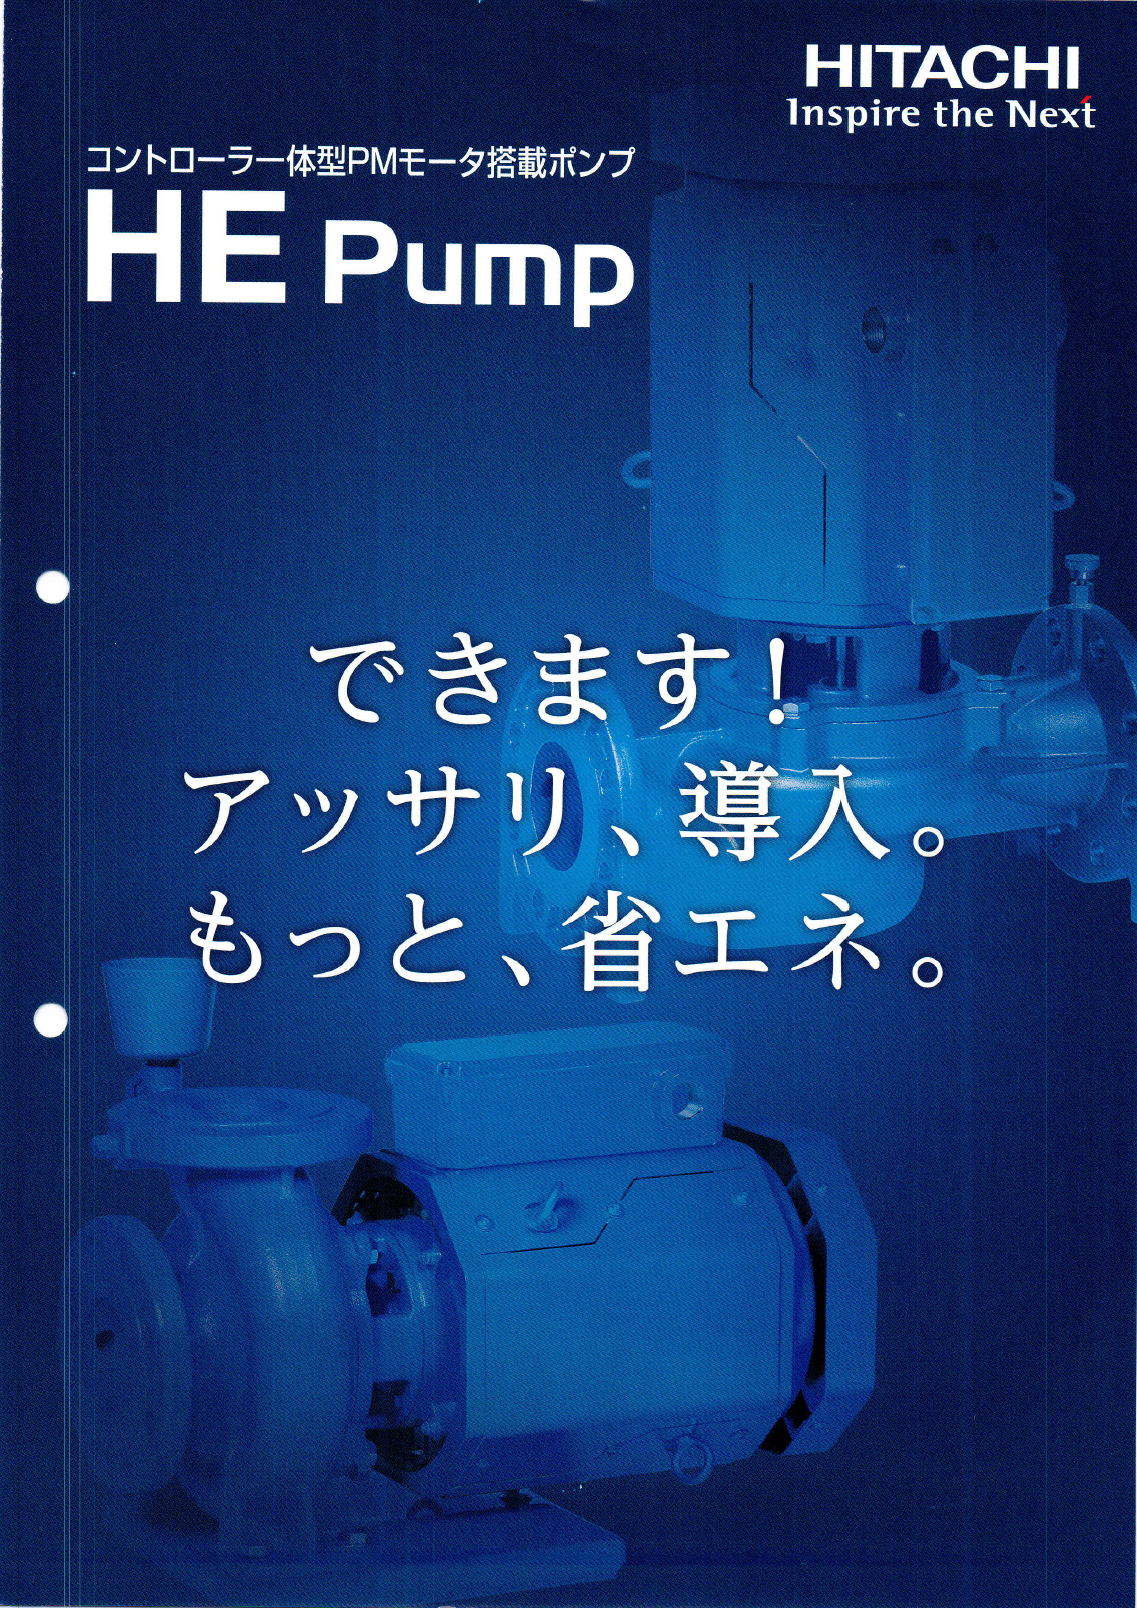 日立 HITACHI  コントローラー一体型PMモニタ搭載ポシプ JDH / JLH / JLSH(ステンレス製)